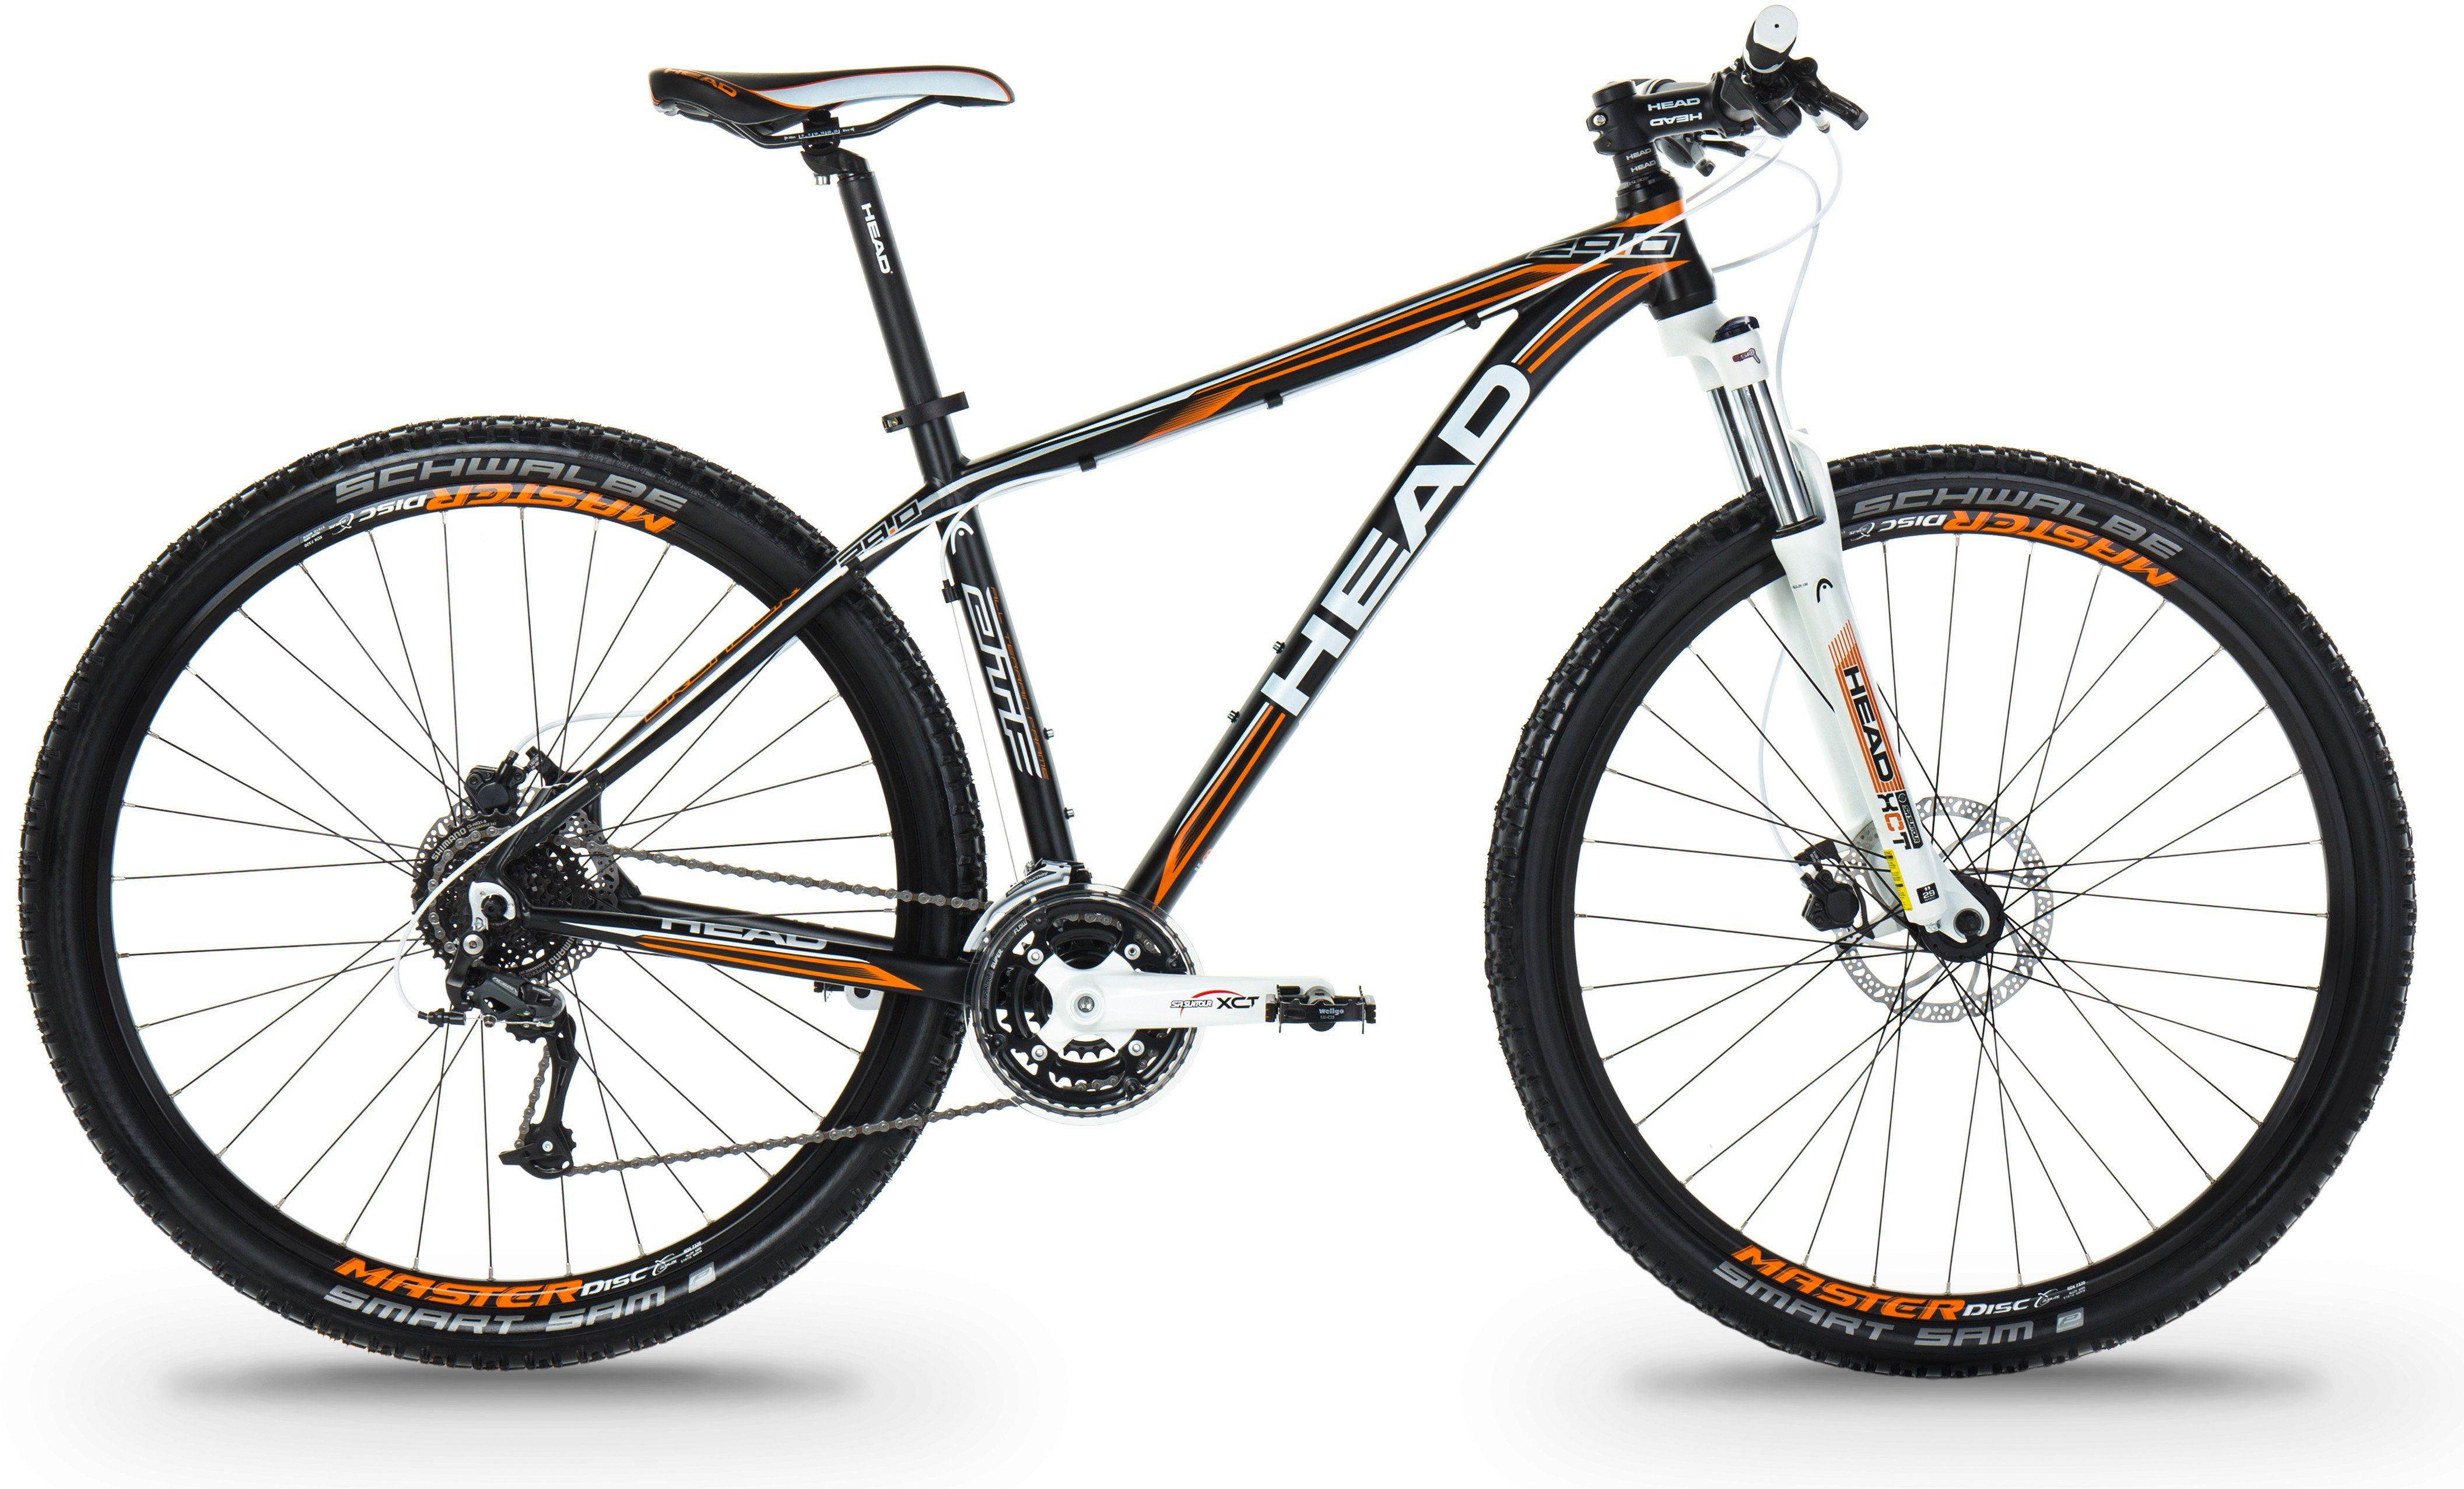 Head Hardtail Mountainbike, 29 Zoll, 24 Gang Shimano Kettenschaltung, »Granger I«